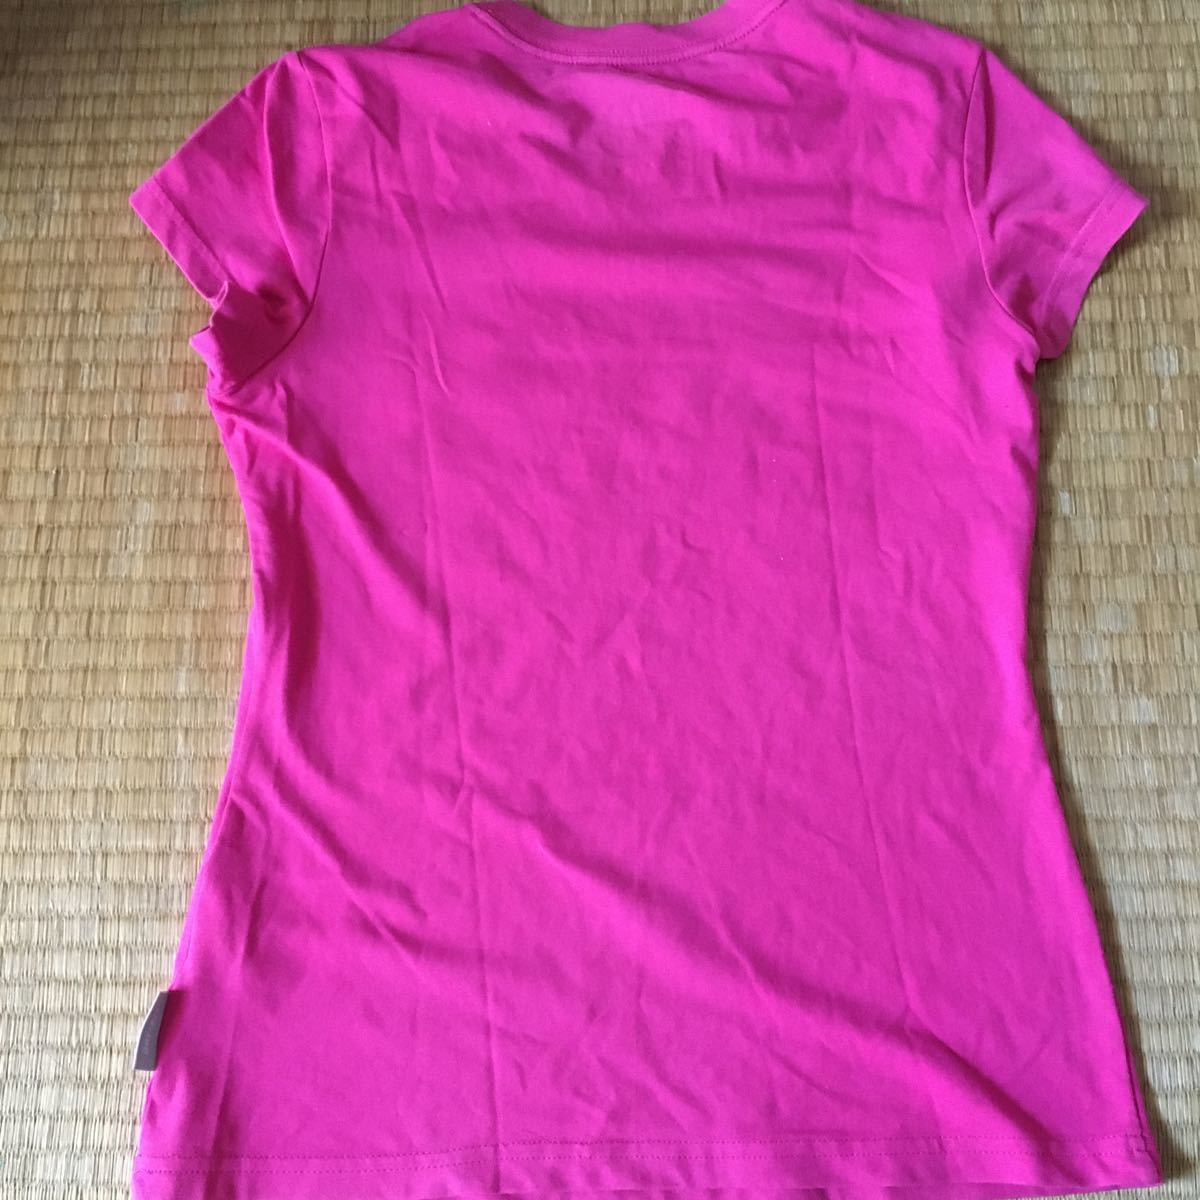 NIKE ピンク Tシャツ M